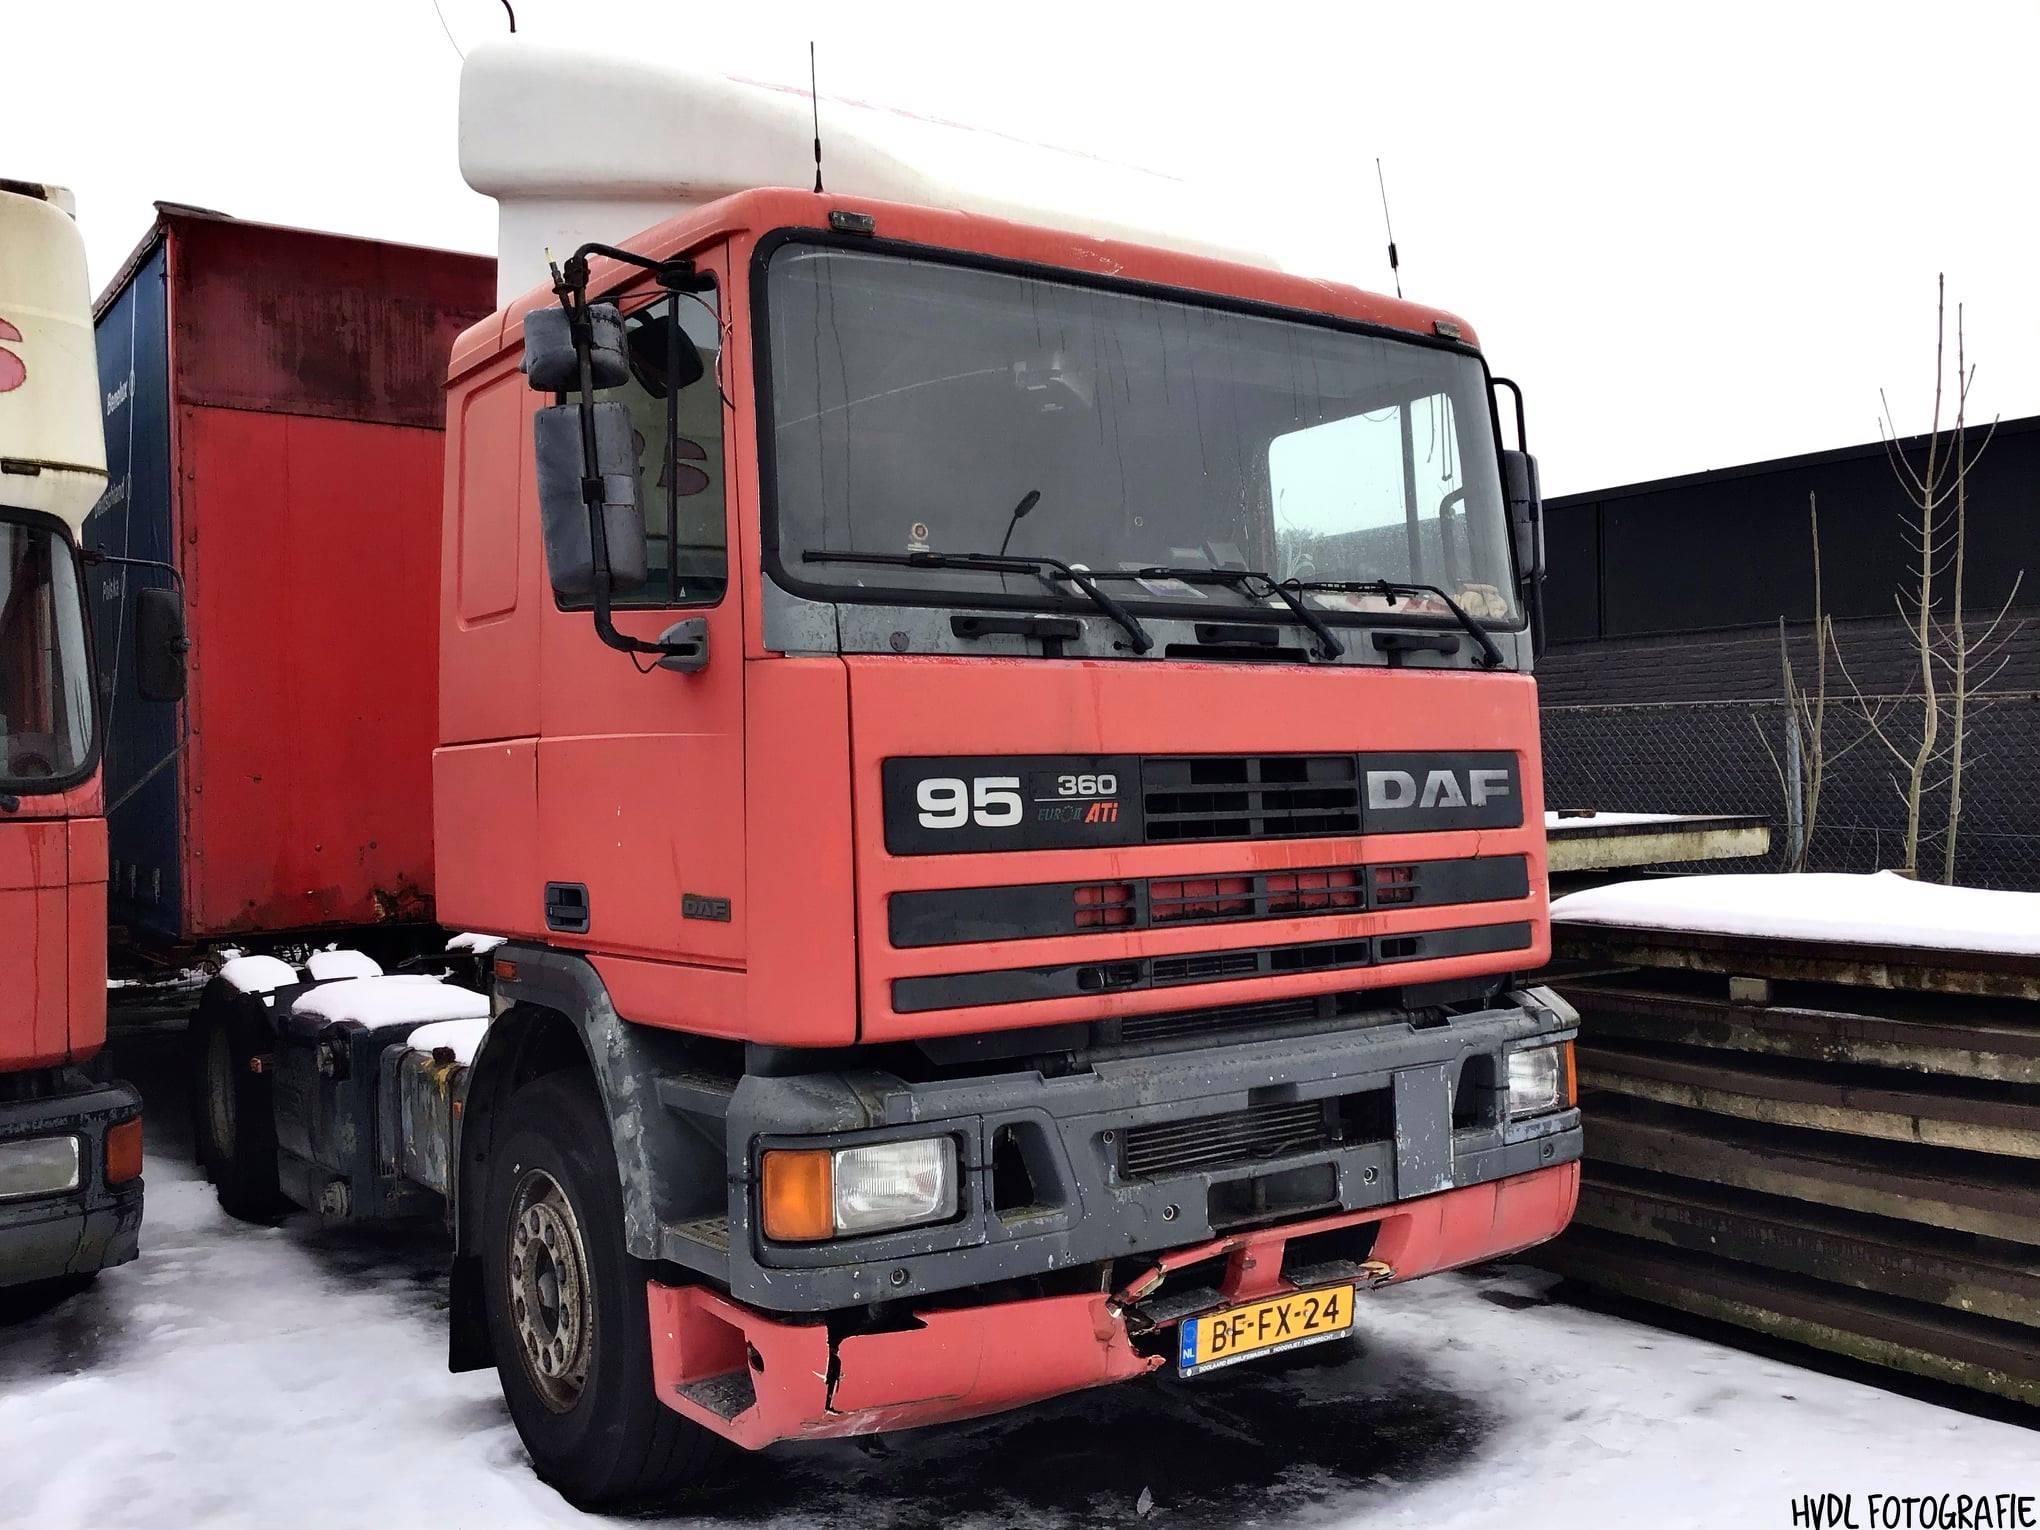 DAF-95-Hans-van-der-Lugt-foto